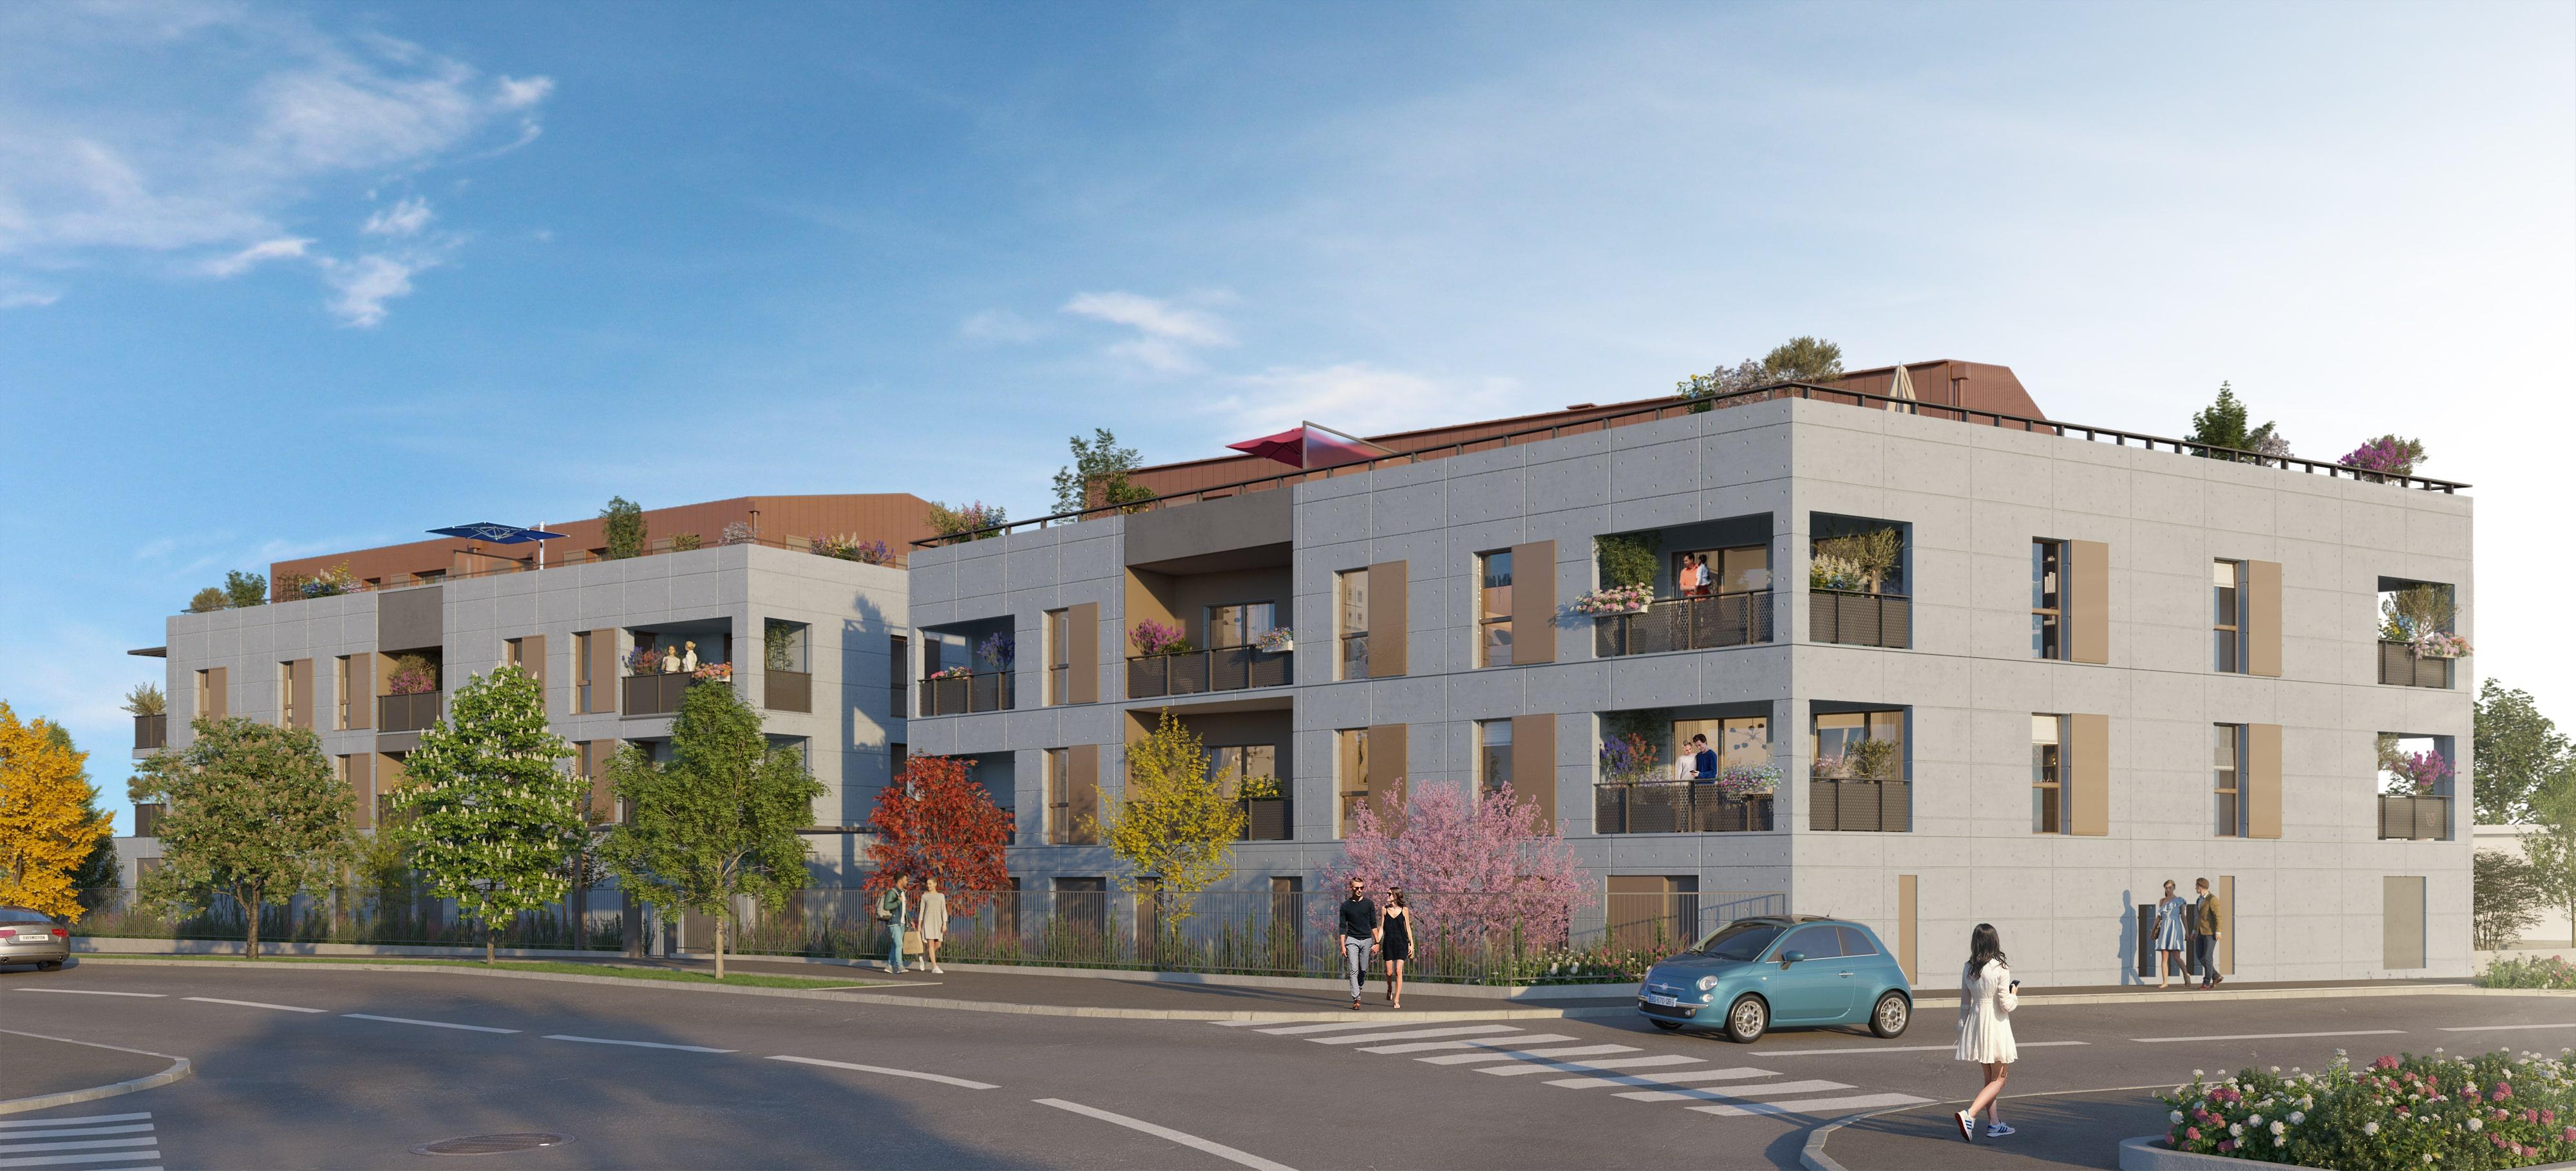 Programme immobilier Neuville-sur-Saône (69250) Entourée d'espaces végétaux AJA12